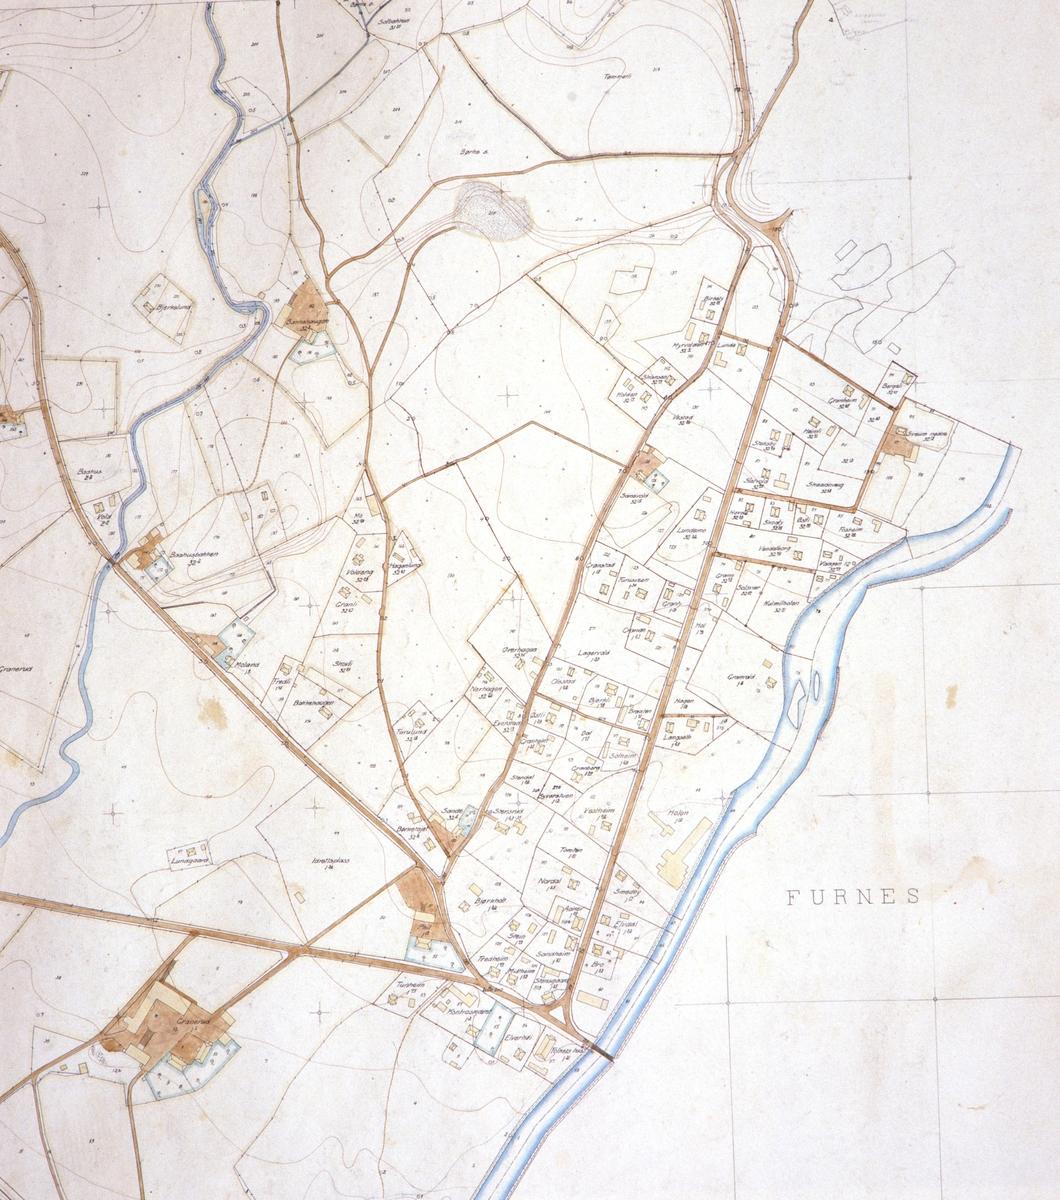 kart brumunddal Kart, Brumunddal med navn på eiendommer på Veldresiden.